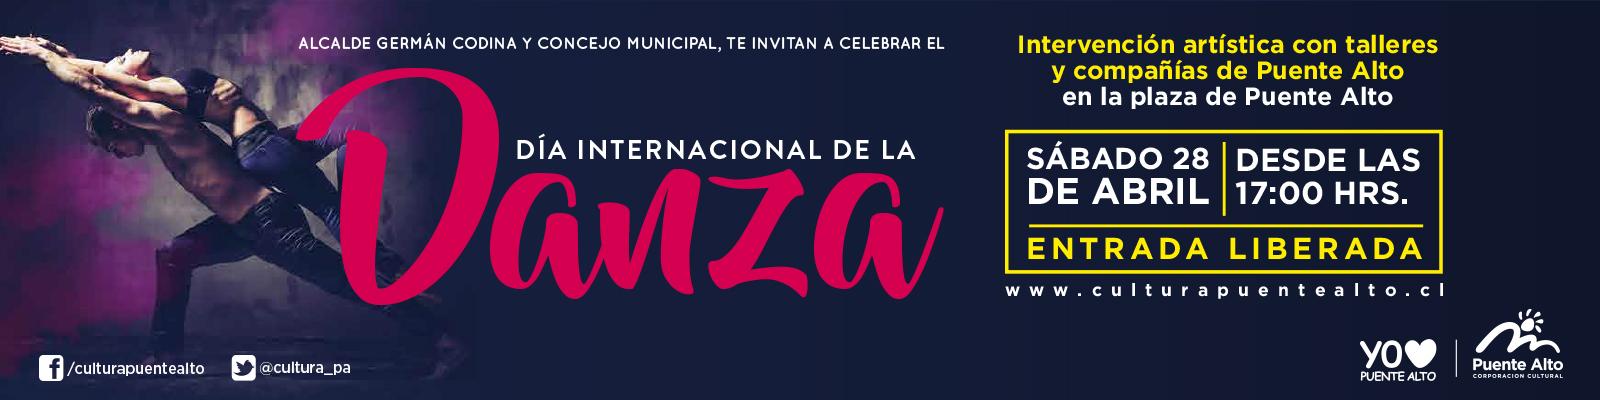 Celebremos juntos el Día Internacional de la Danza.